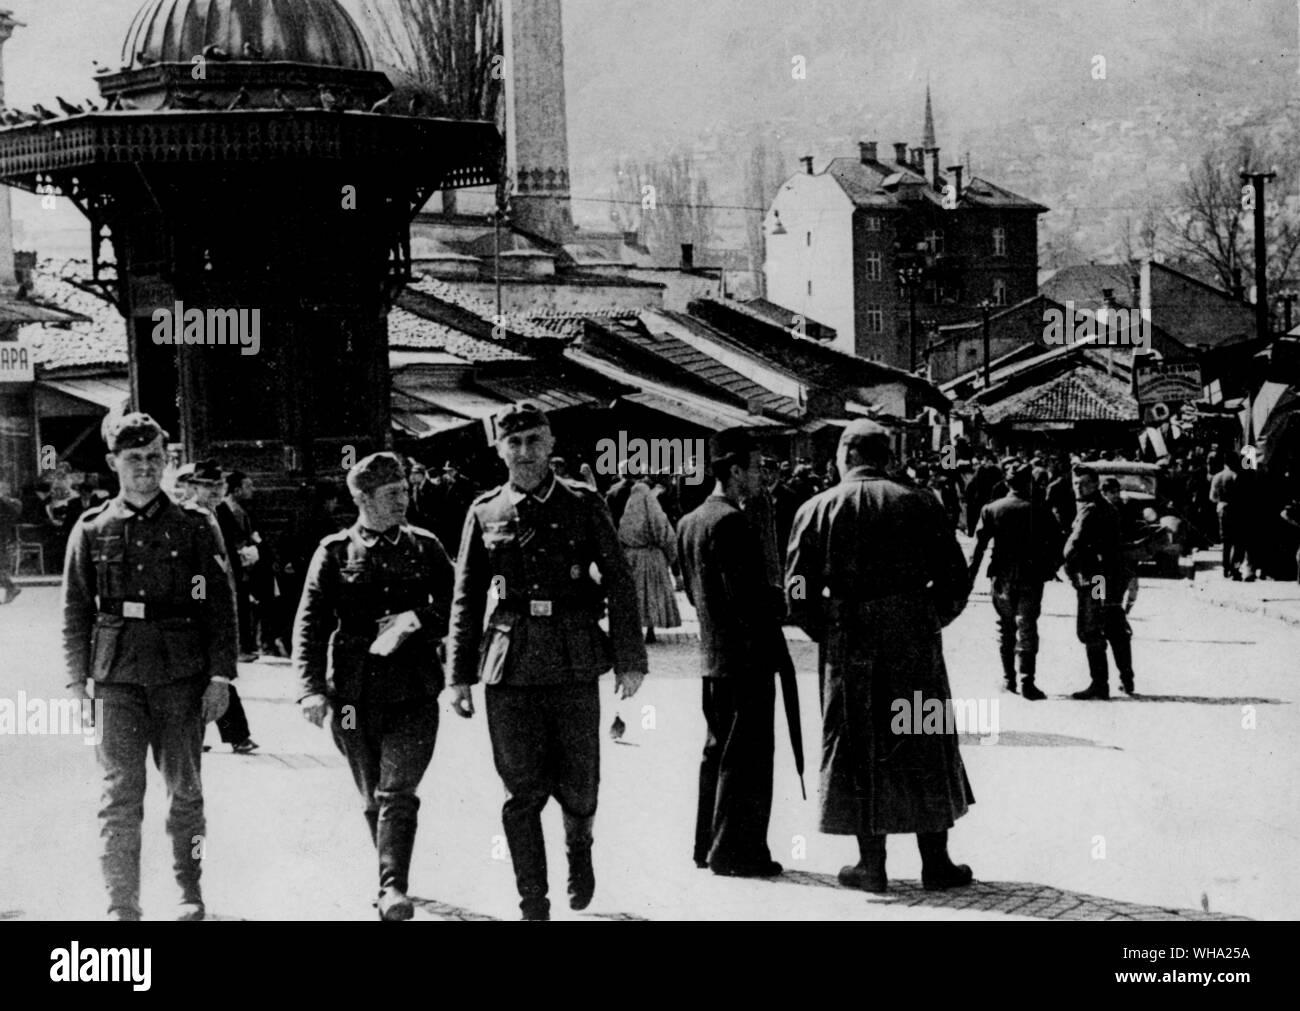 WW2: les troupes allemandes dans la région de Sarajevo, Yougoslavie. Regard sur le berceau des soldats de la Première Guerre mondiale où l'assassin a soulevé l'étincelle qui a soufflé le camouflage au large de l'Allemagne. 19 mai 1941. Banque D'Images